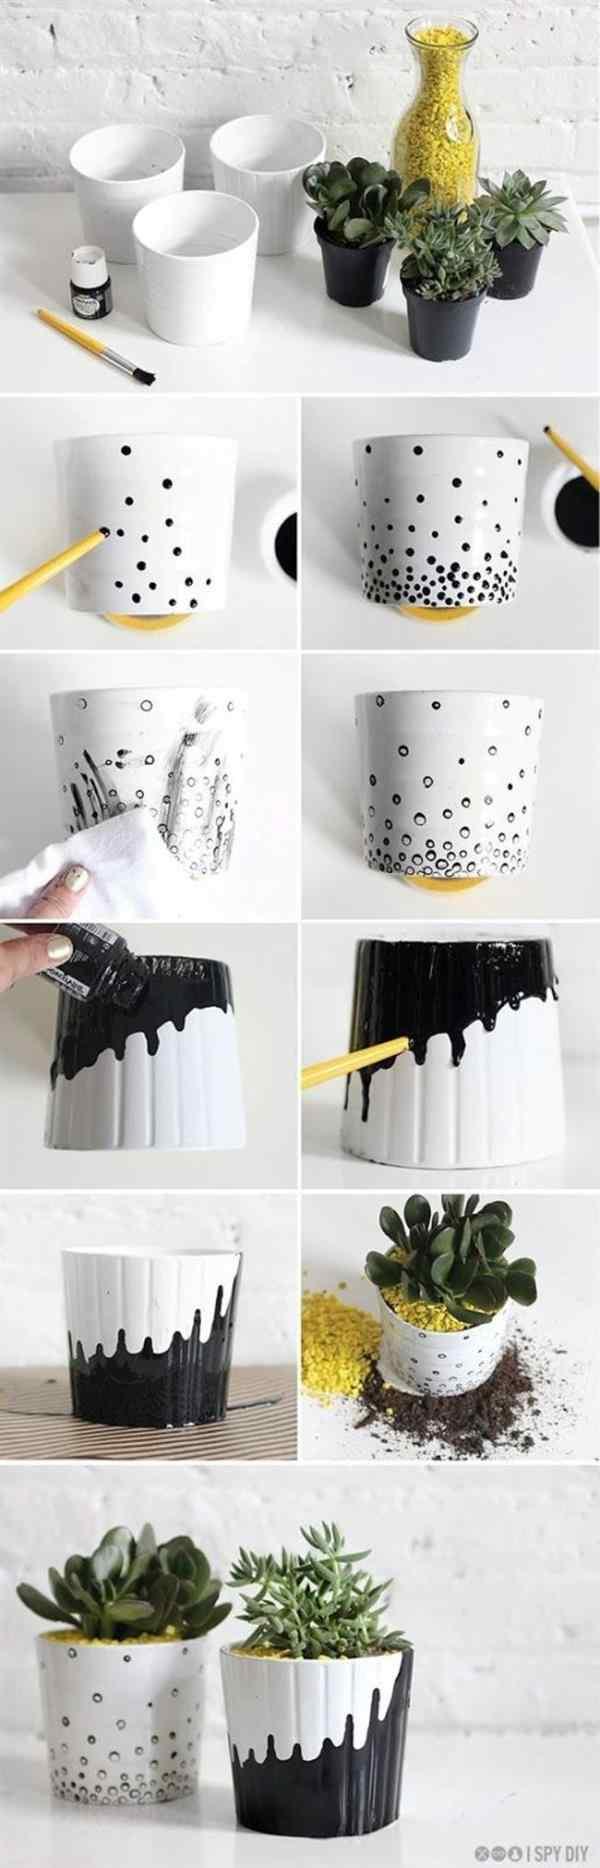 artesanato-para-dia-das-maes-veja-ideias-criativas-e-faceis-de-fazer-1